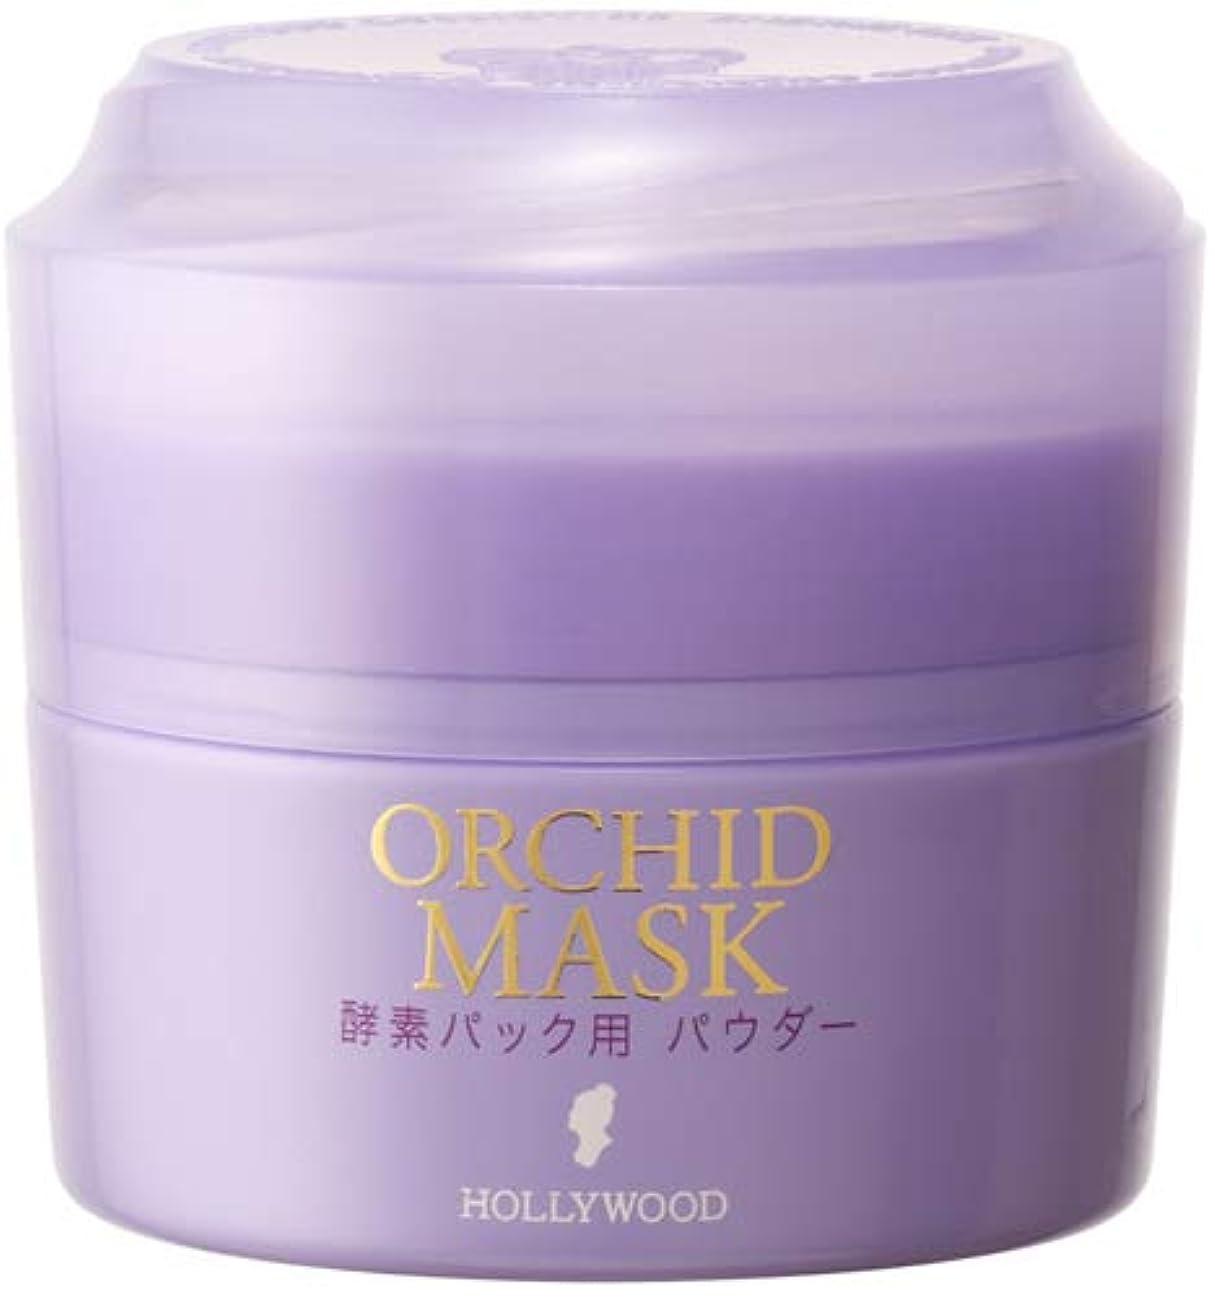 音楽窒息させるフランクワースリーハリウッド化粧品 オーキッド マスク 80g